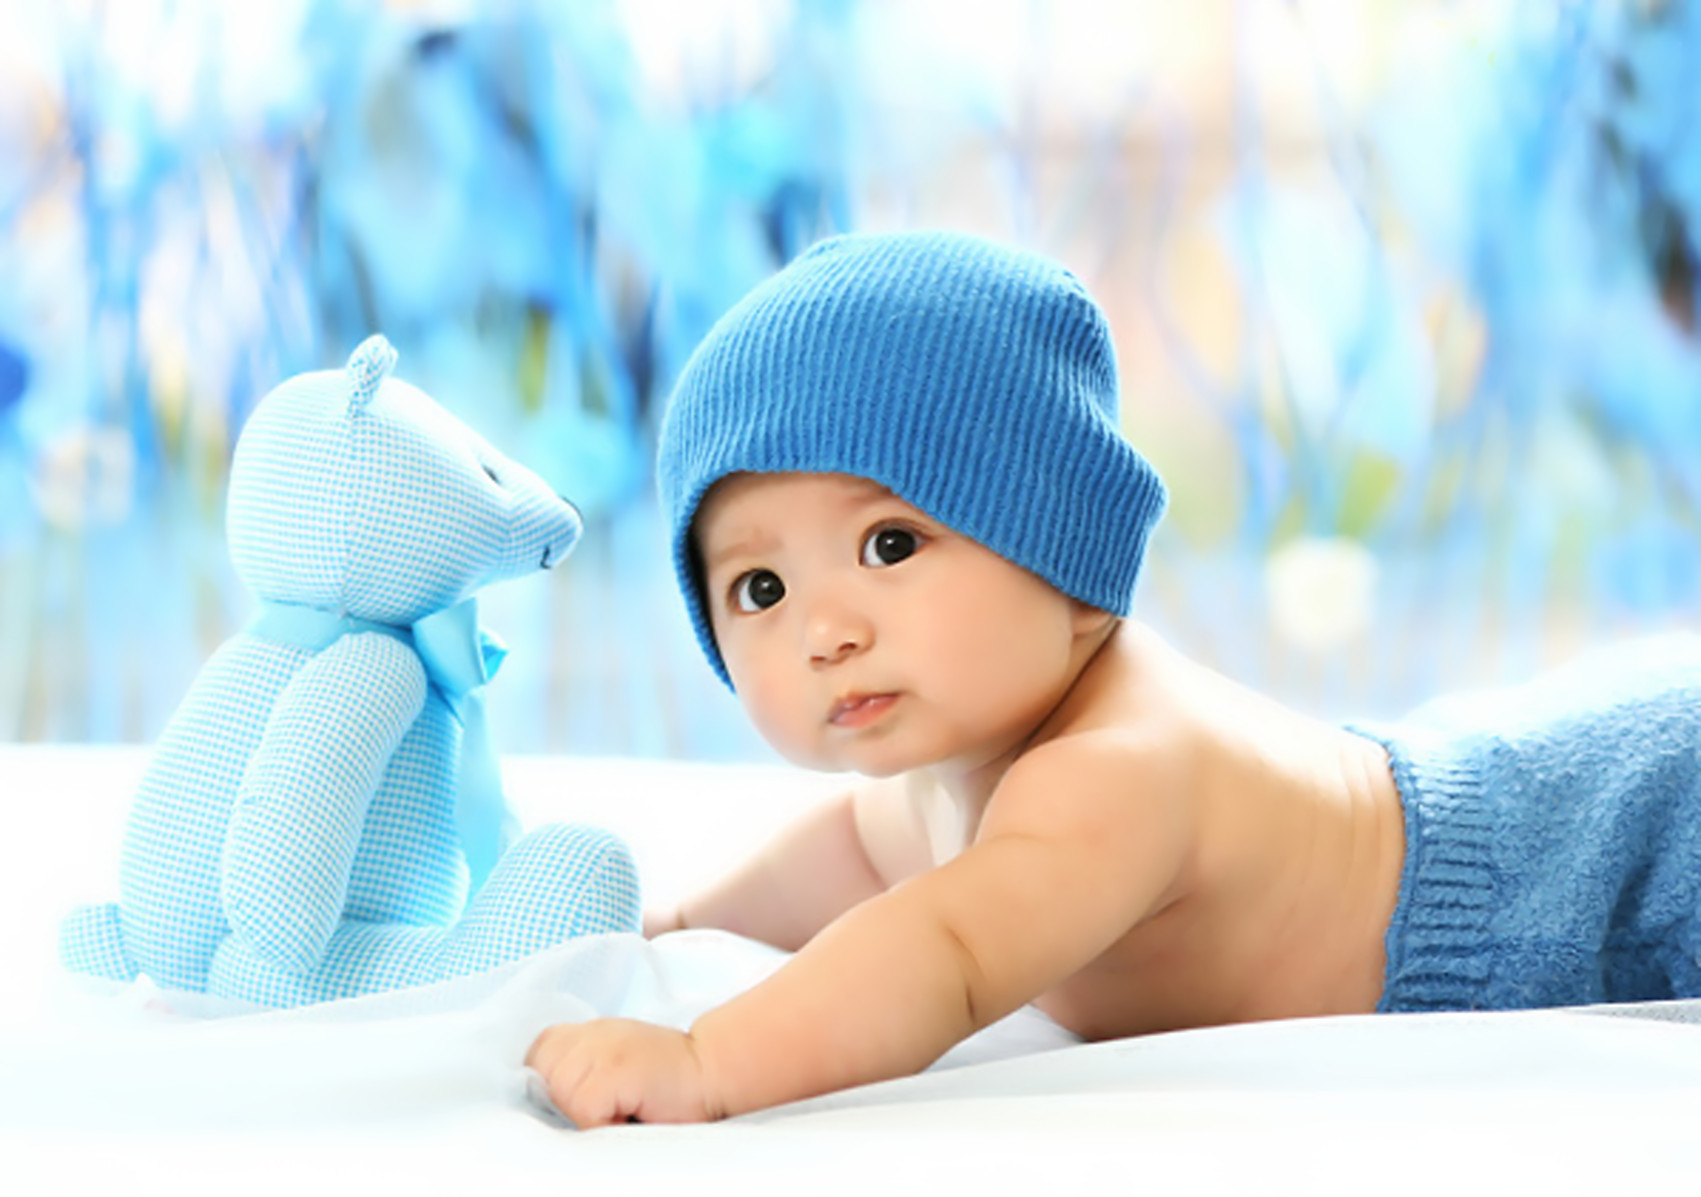 男宝宝桌面壁纸高清_漂亮桌面壁纸_快步图片站